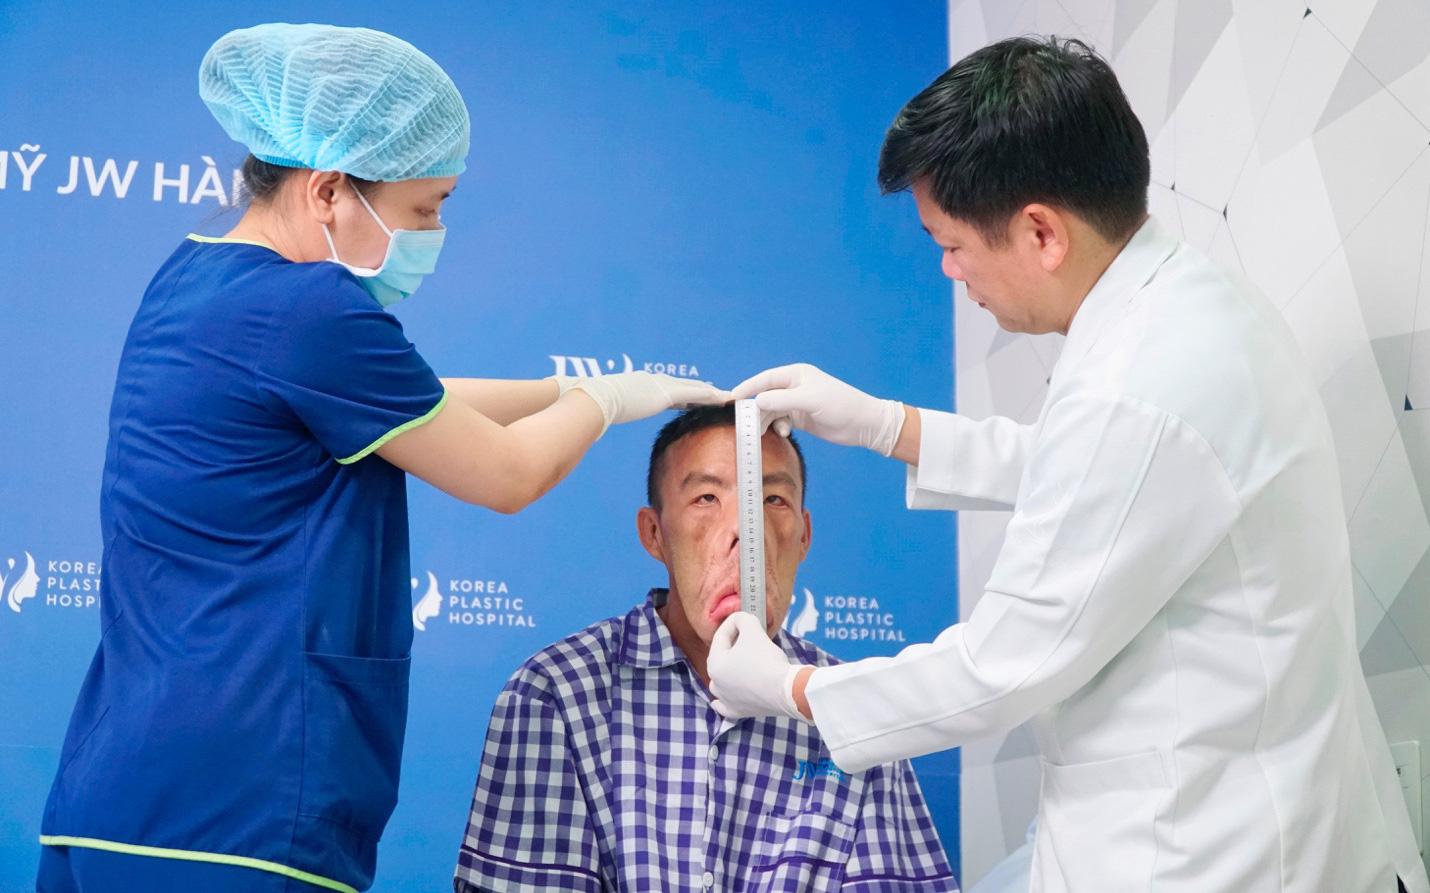 """Giải mã 23.000 Gen của anh Mến """"mặt xệ"""", bác sĩ Tú Dung quyết tìm nguyên nhân bệnh lạ"""